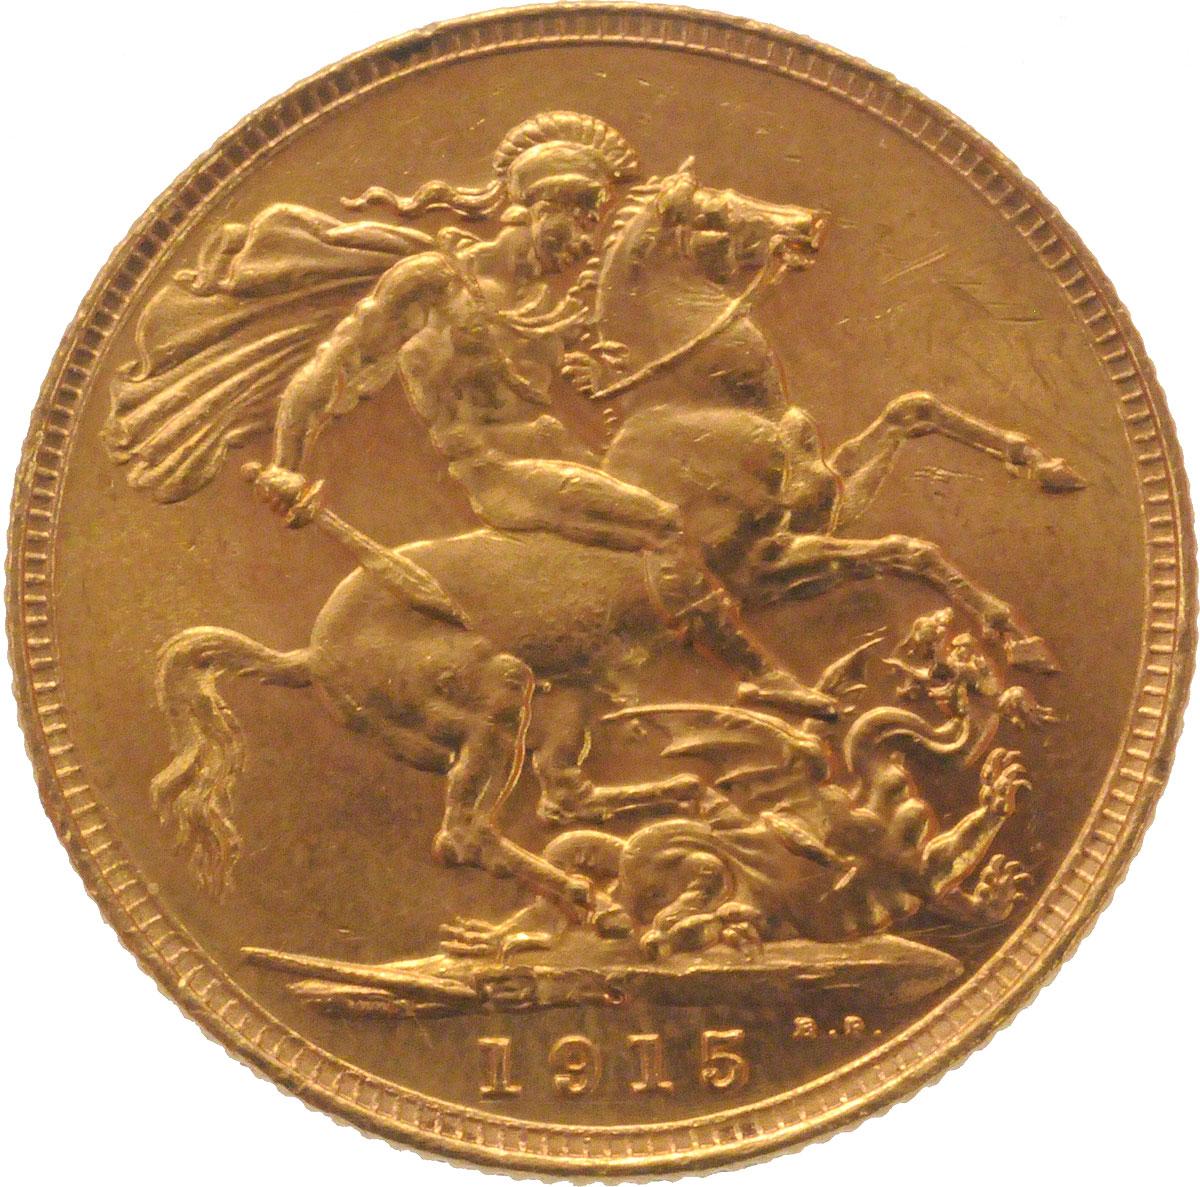 1915 Γεώργιος Ε' (Νομισματοκοπείο Σίδνεϊ)